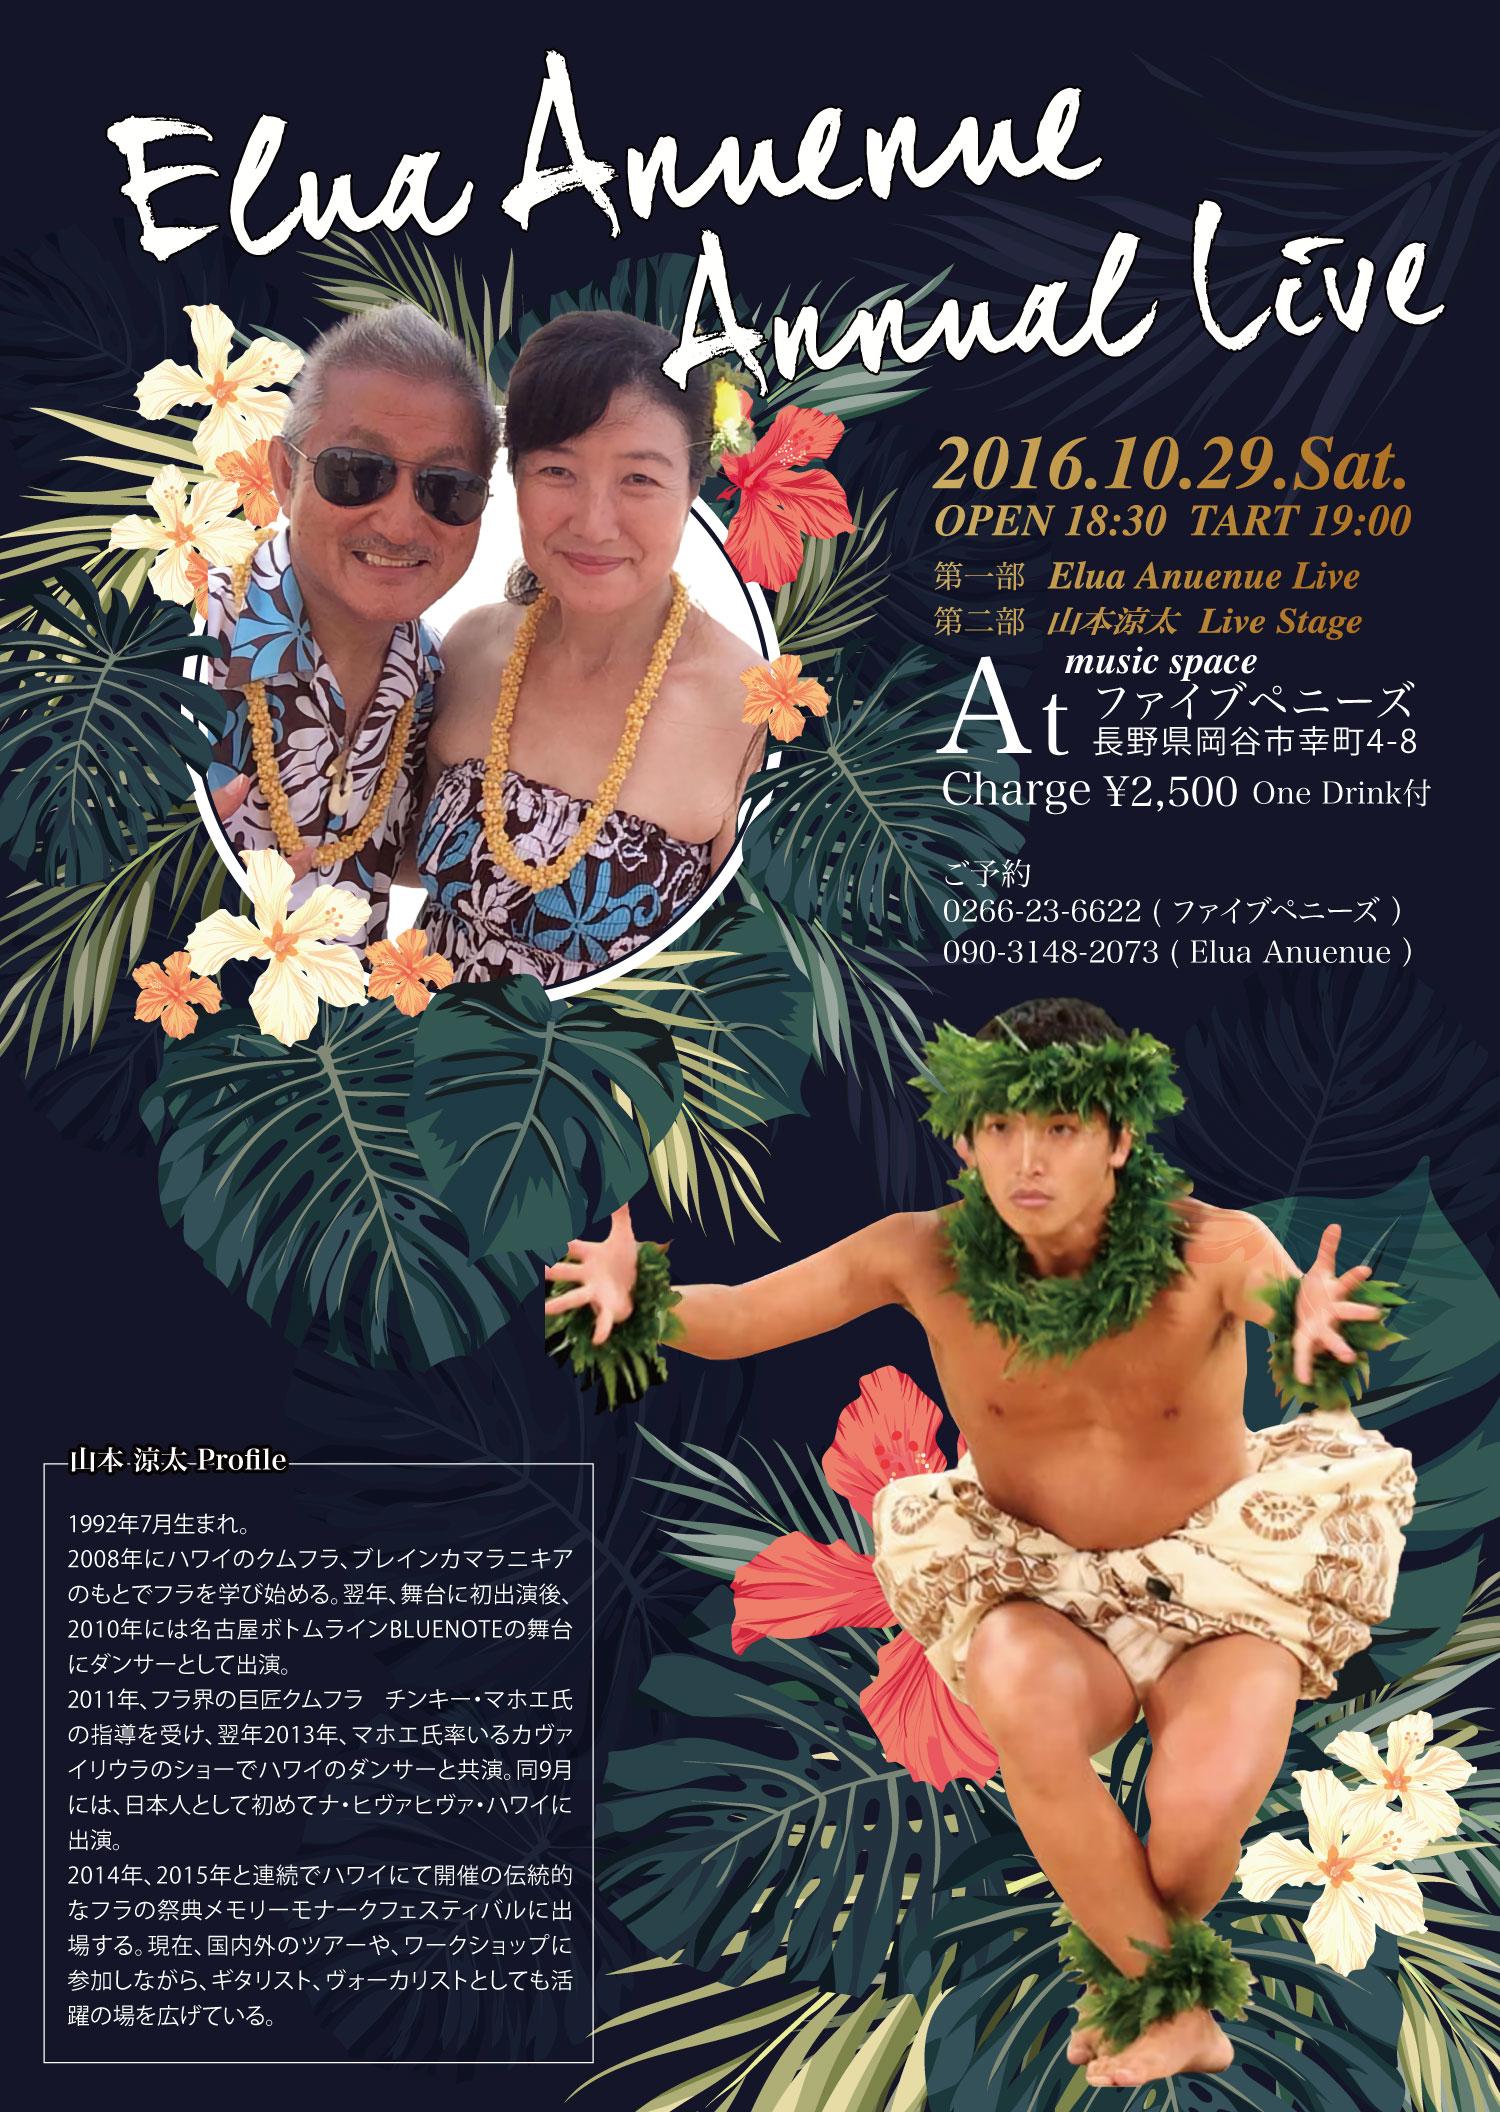 名古屋市東区のホームページ制作 パンフレット制作 ポスター制作会社のOaK 制作実績 Eluaanuenue LIVE ポスター